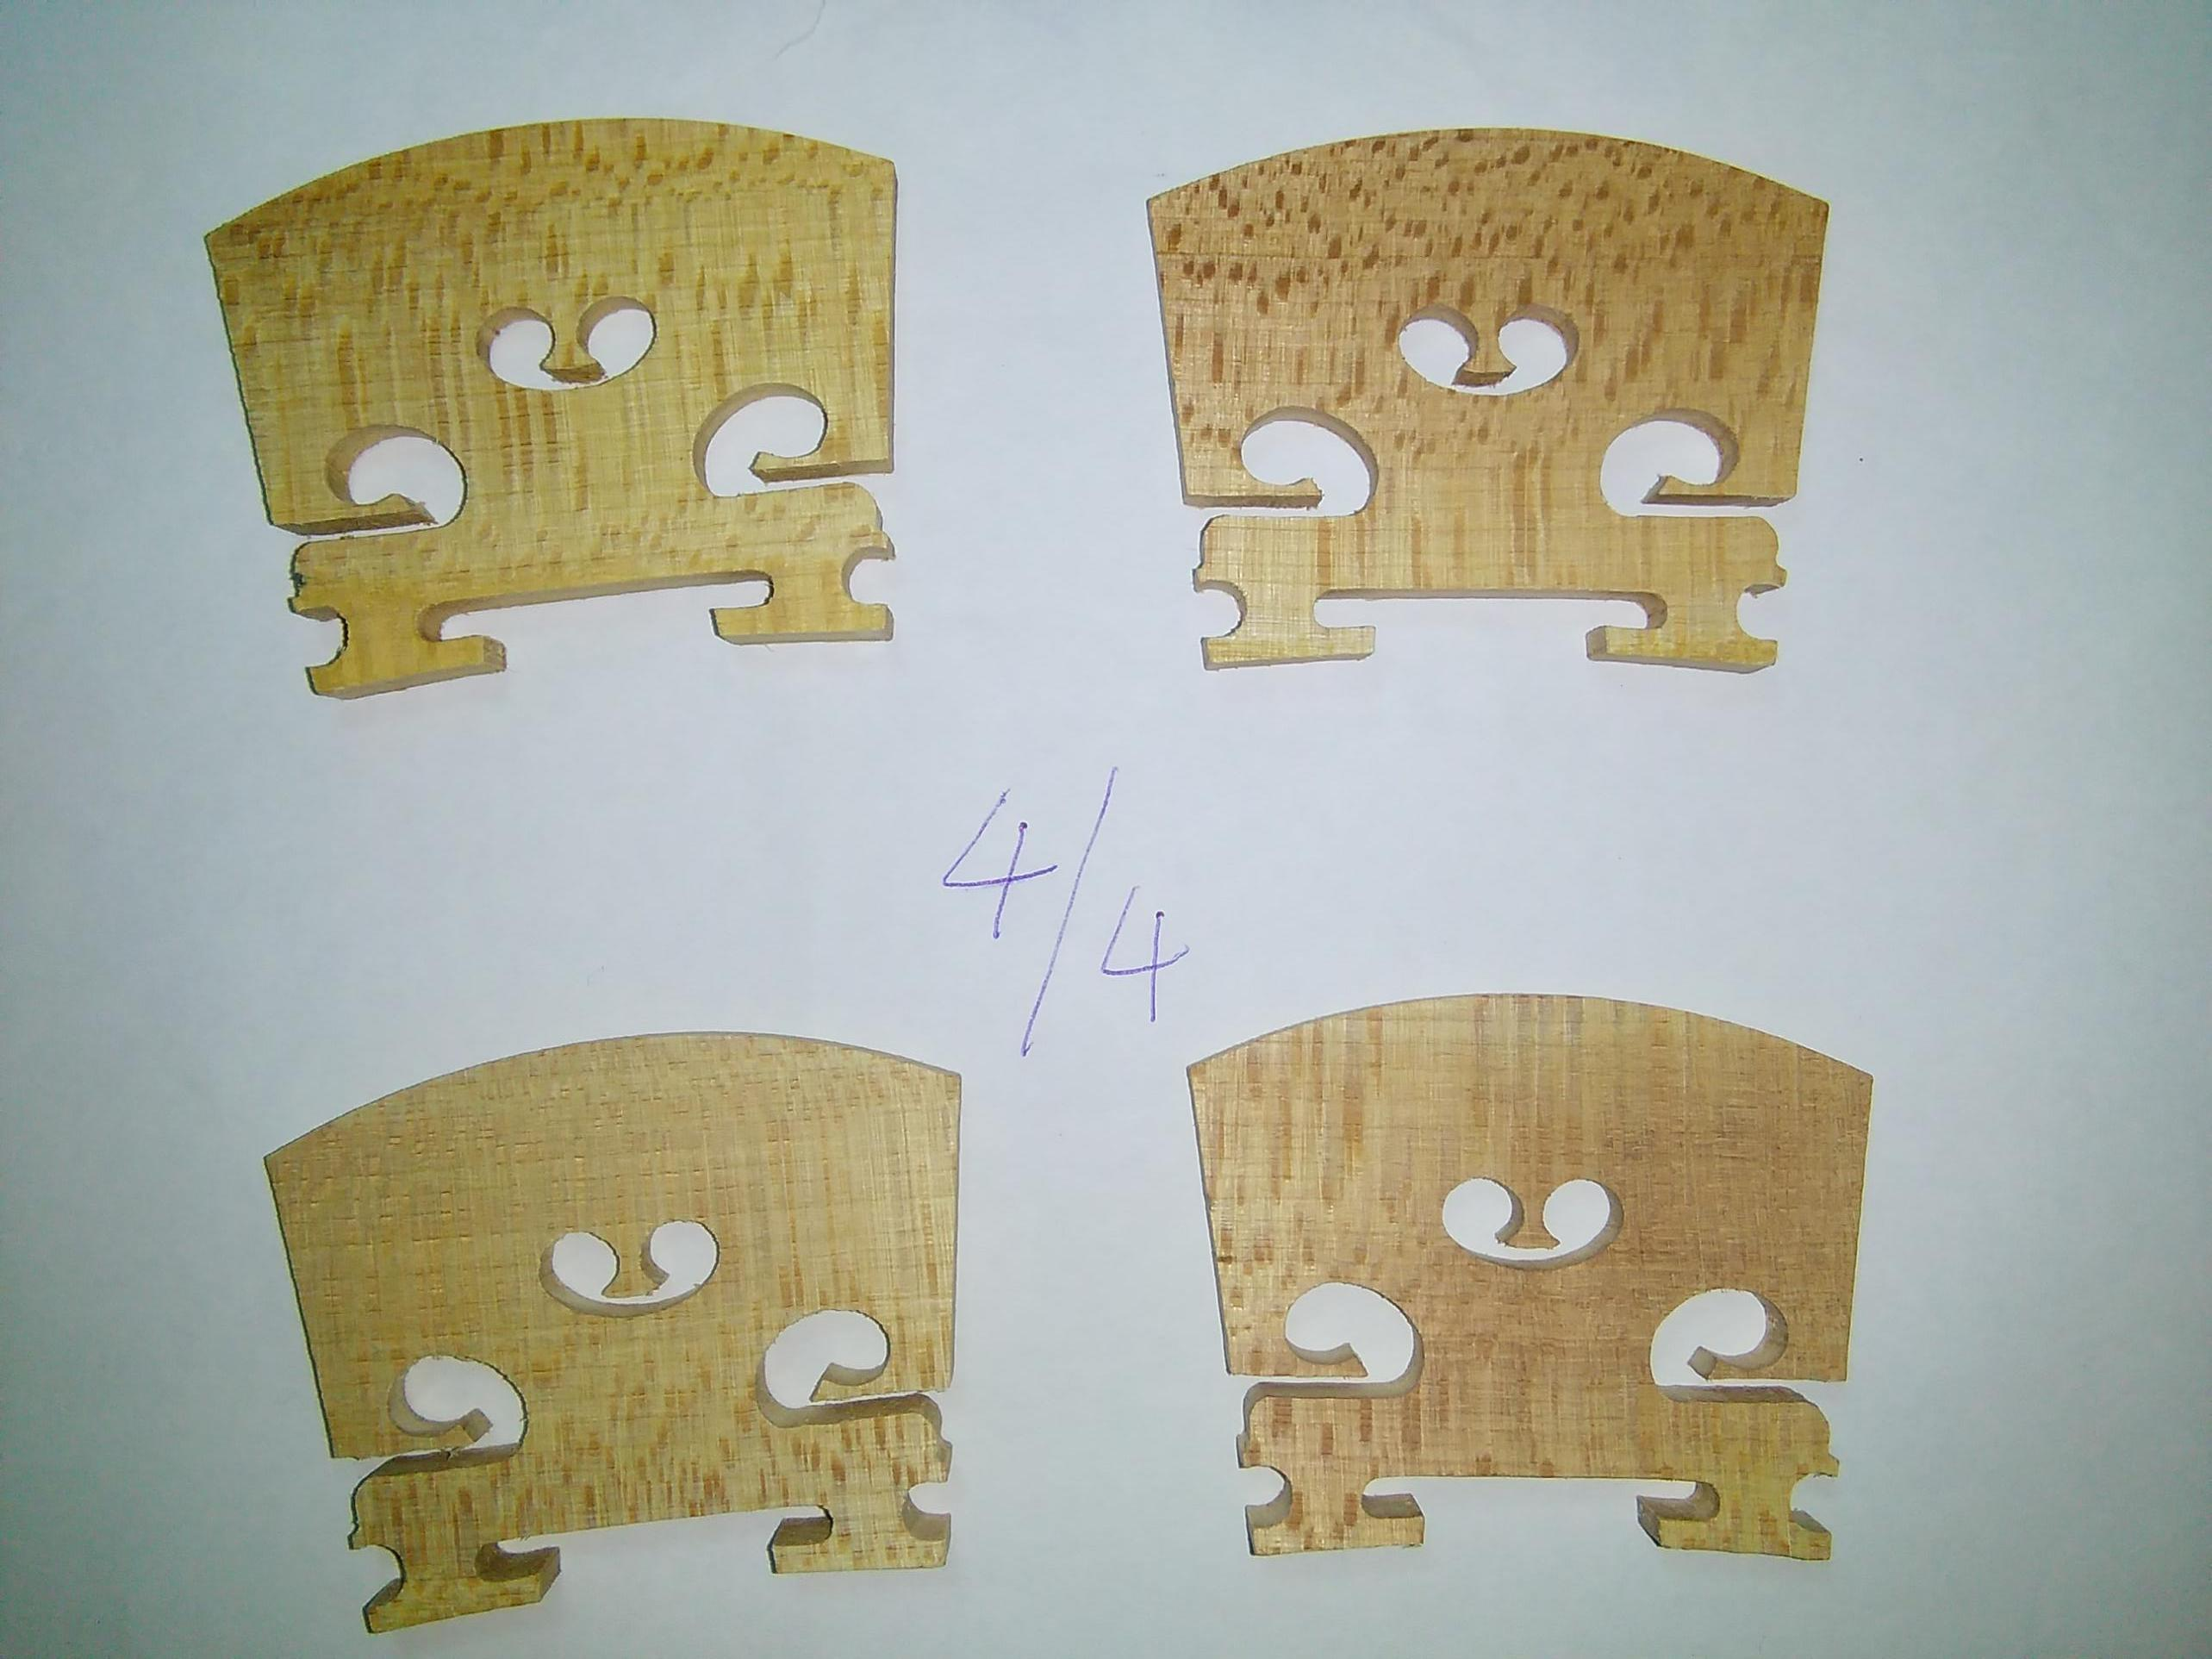 4pièces de violon hautement recommandées en bois d'érable vieilli de qualité supérieure en érable vieilli de